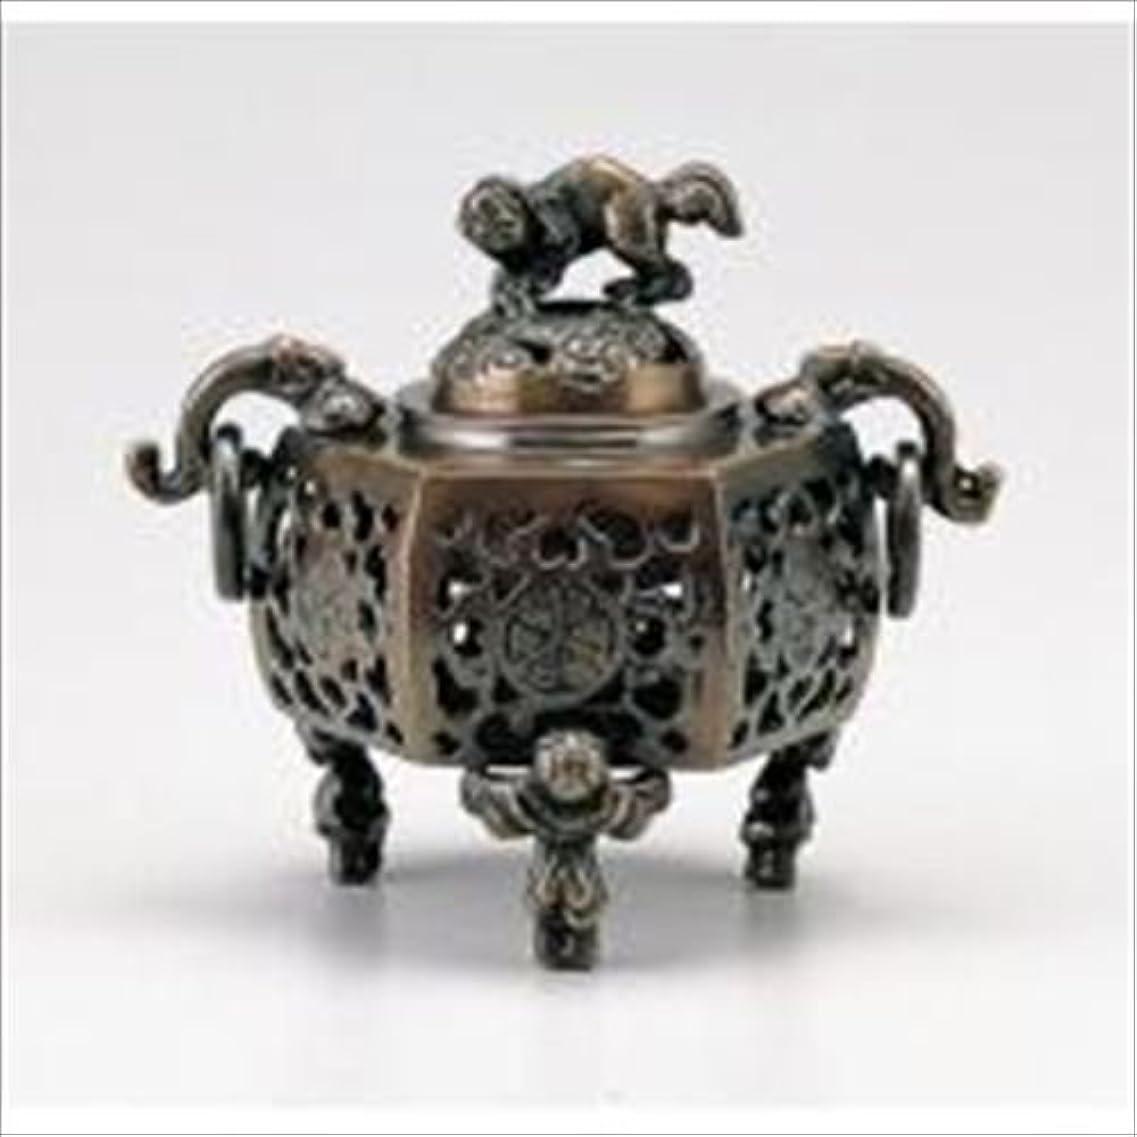 プレミアムラダ規定竹中銅器 122-05 香炉 葵 かん付香炉 山吹色